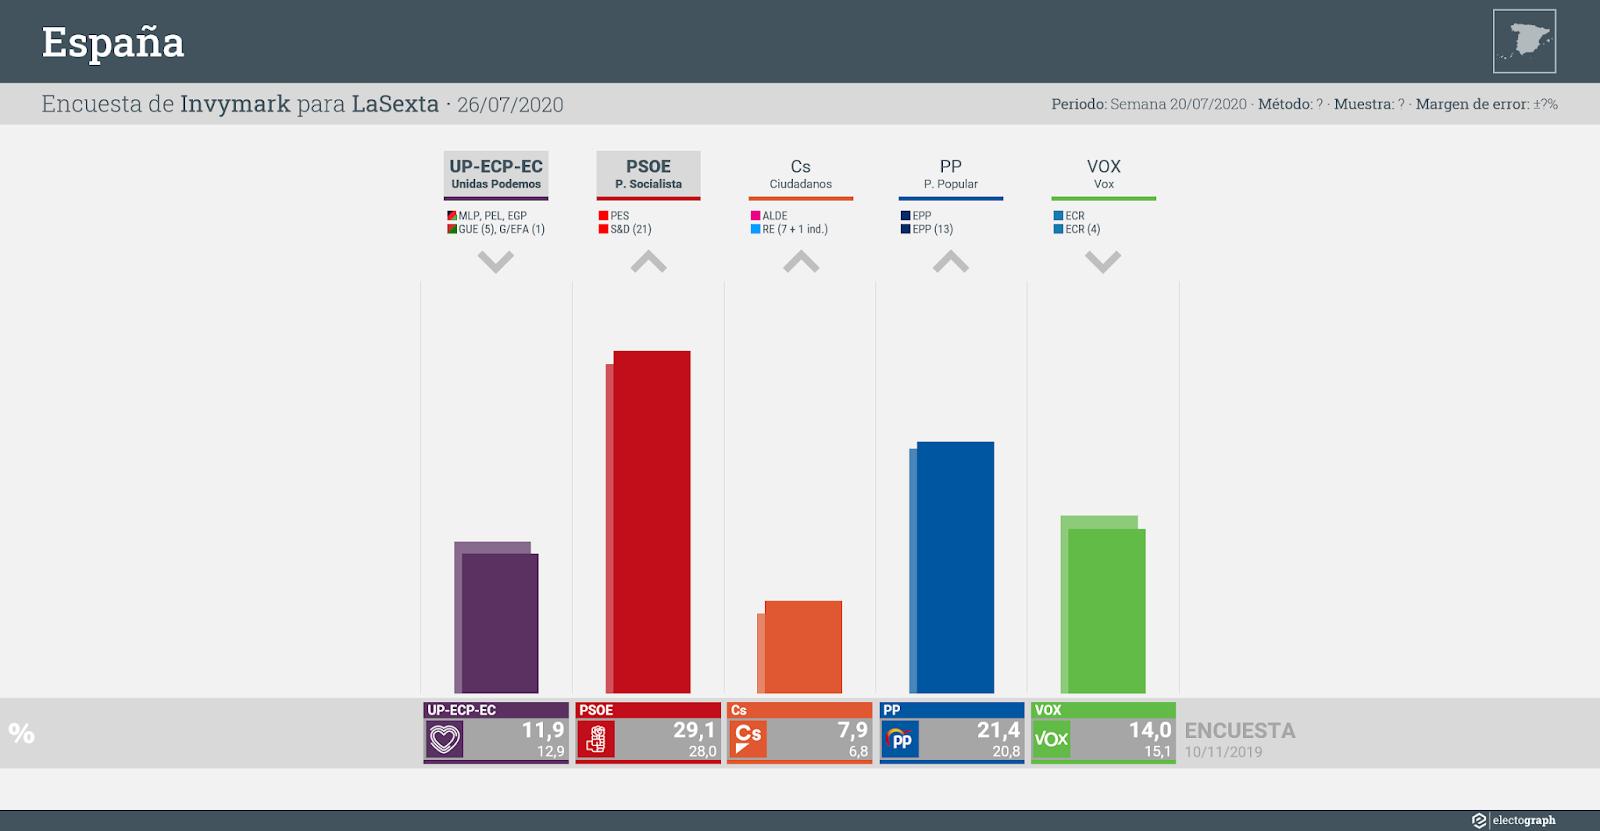 Gráfico de la encuesta para elecciones generales en España realizada por Invymark para LaSexta, 26 de julio de 2020